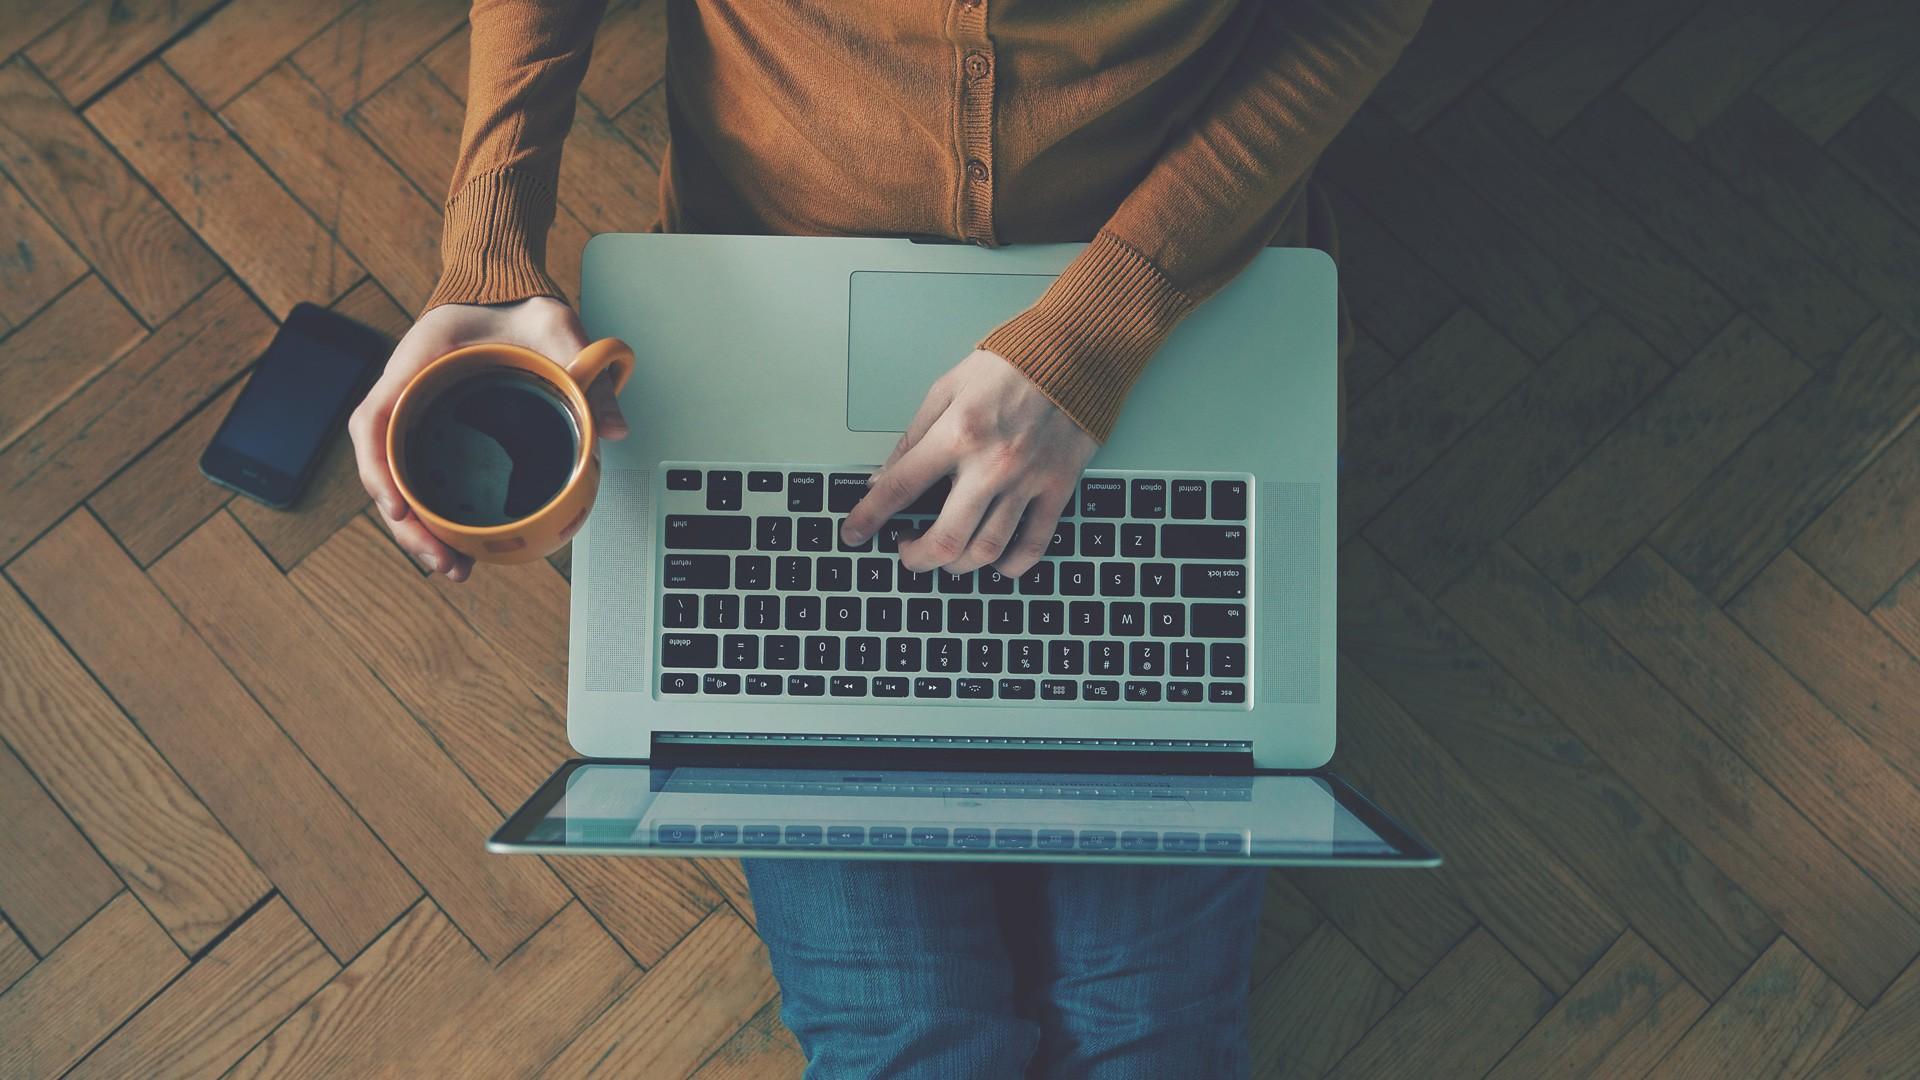 Специалисты: Самыми подходящими для созданияПО являются ноутбуки сIntel Core i7